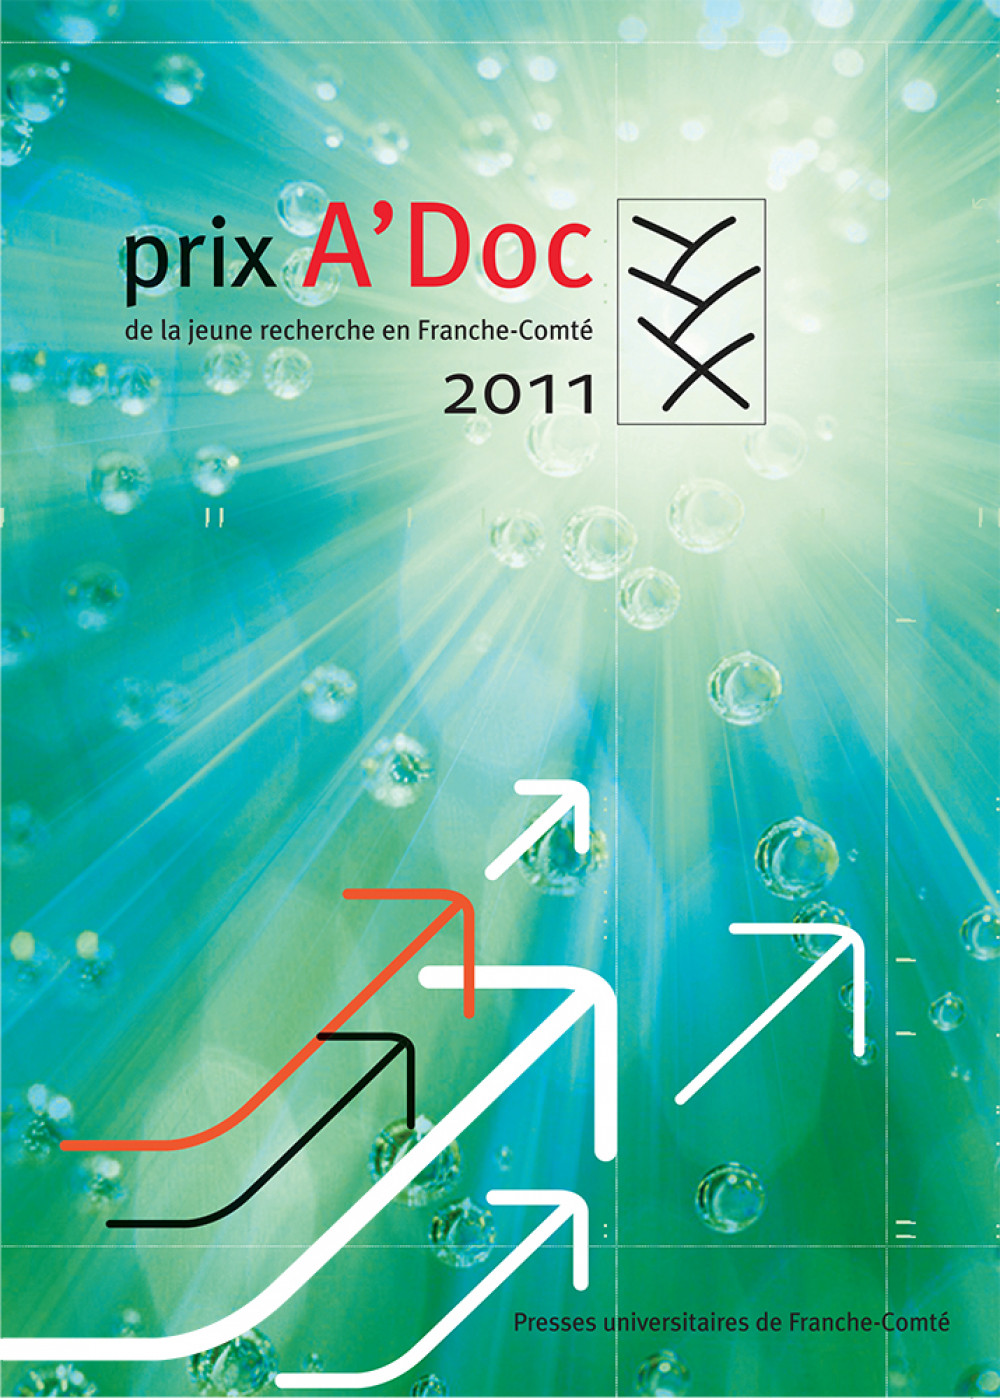 Prix A'Doc de la jeune recherche en Franche-Comté 2010